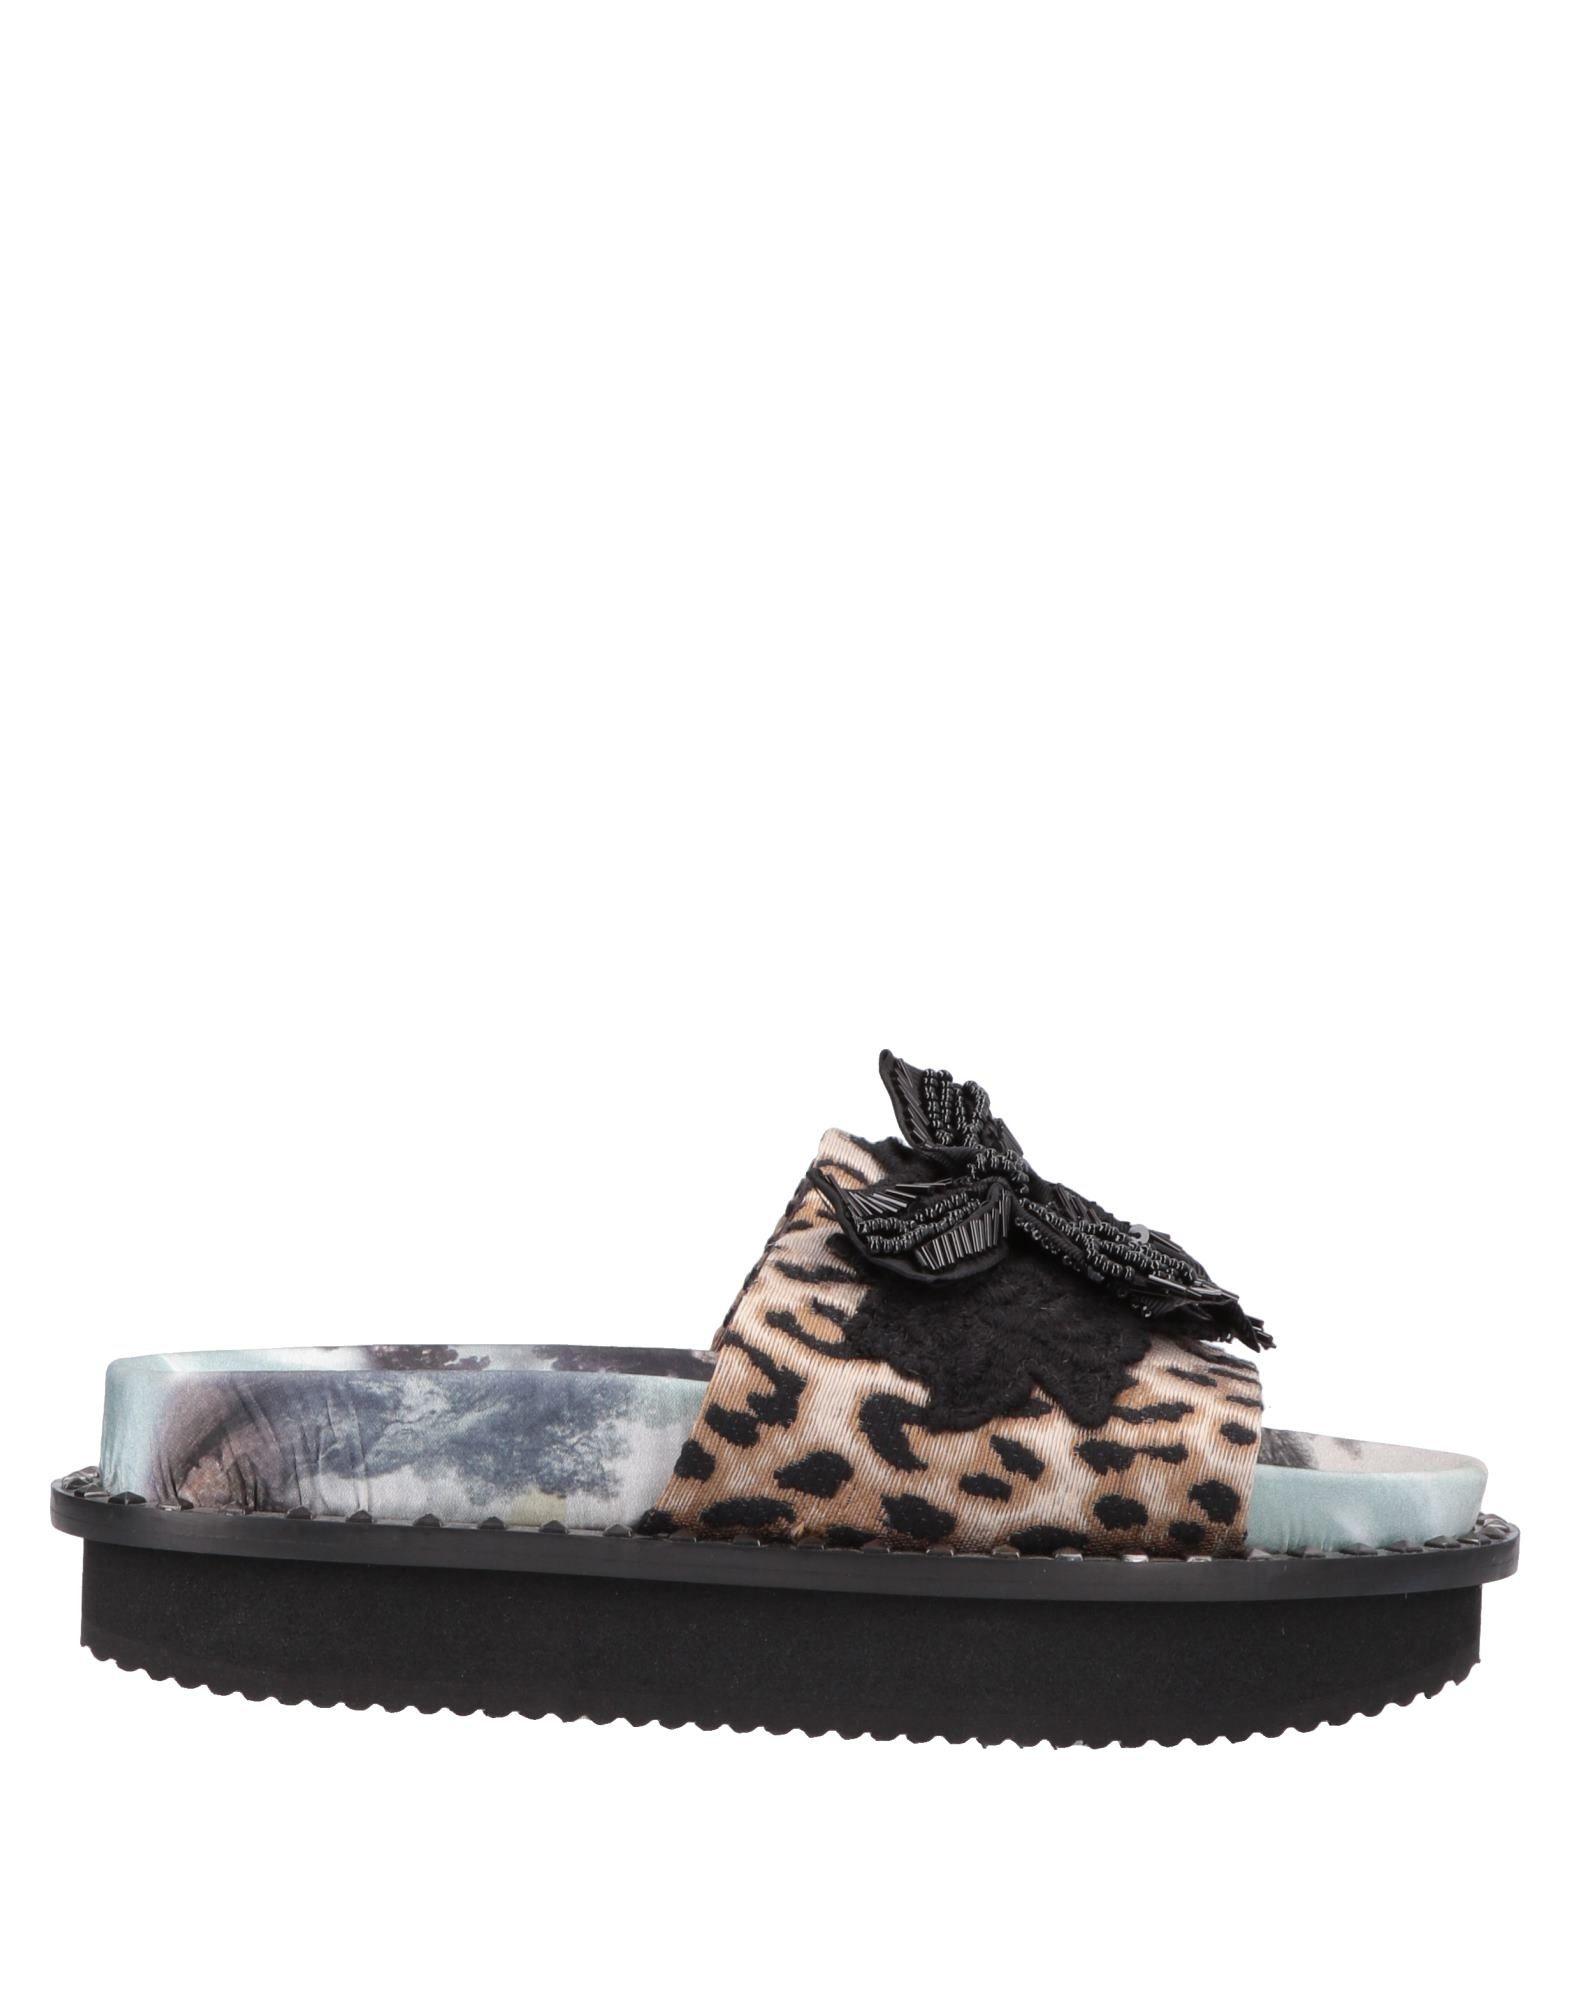 Rabatt Schuhe Antonio Marras Sandalen Damen 11566753FW